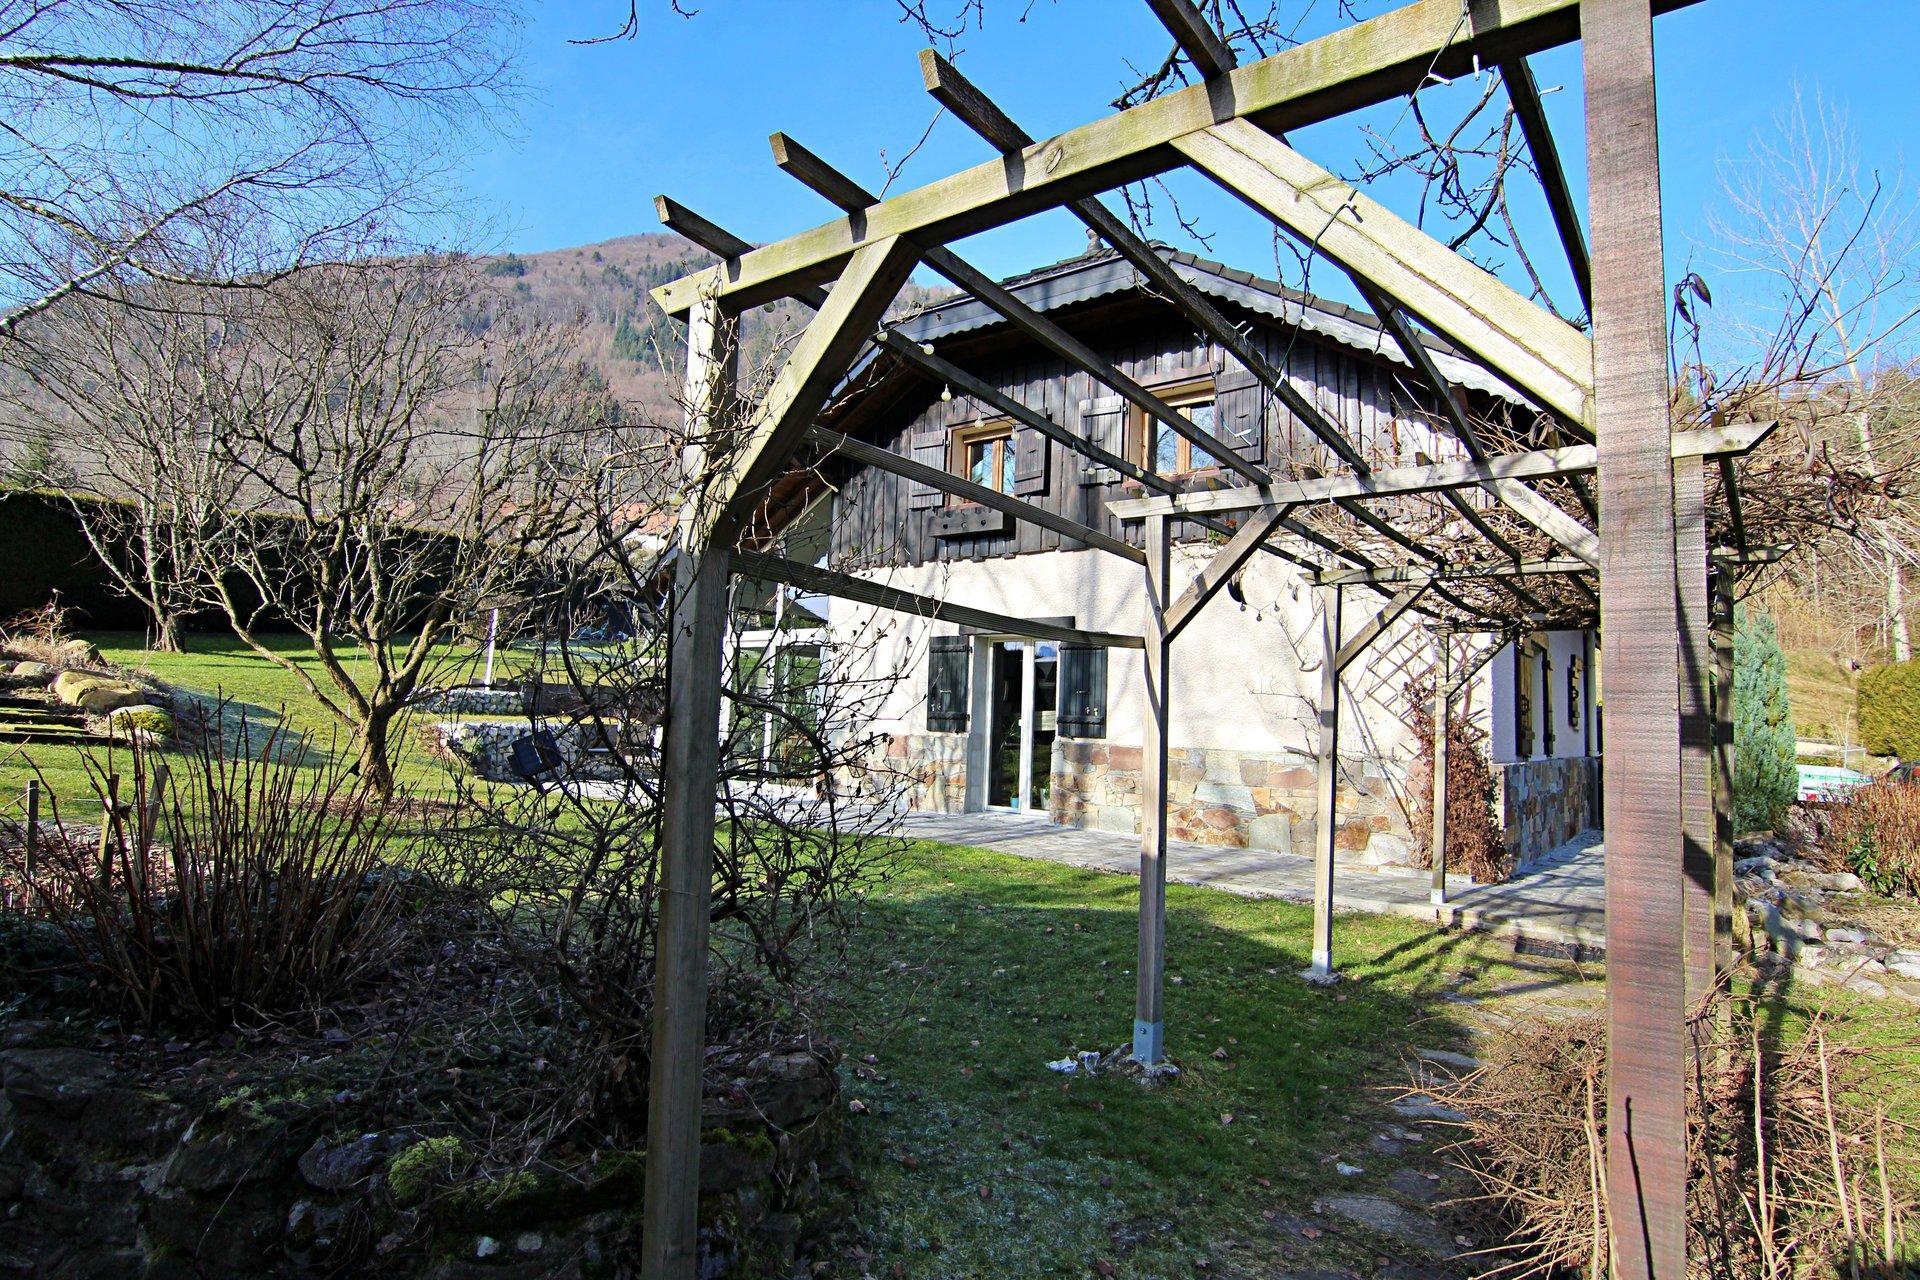 Maison 6 pièces 173m2 à Menthon-Saint-Bernard